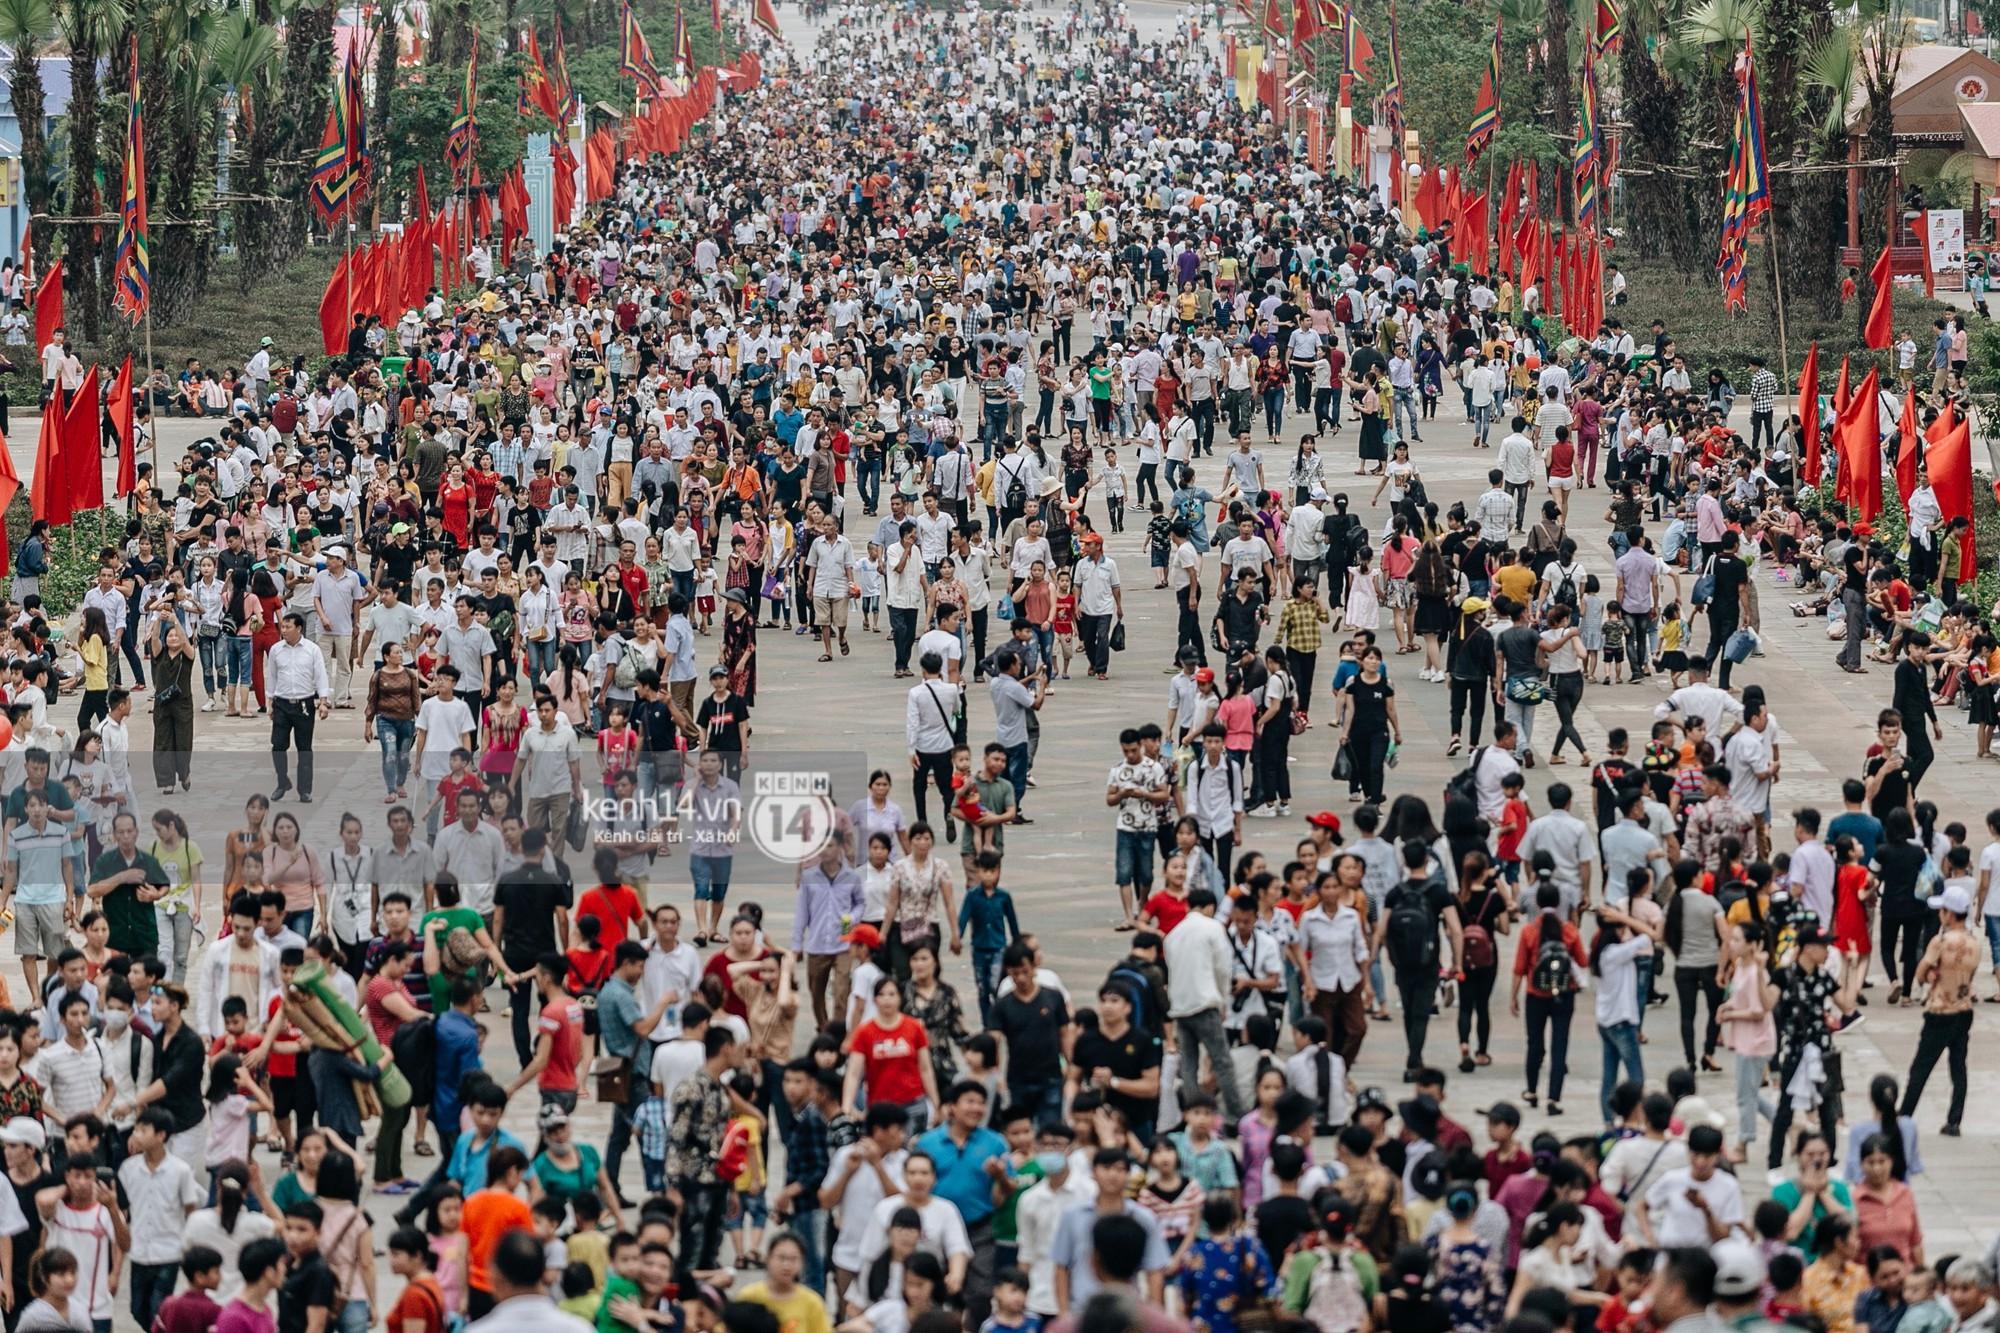 Nhìn lại những khoảnh khắc ấn tượng 2 ngày chính hội ở đền Hùng dịp giỗ